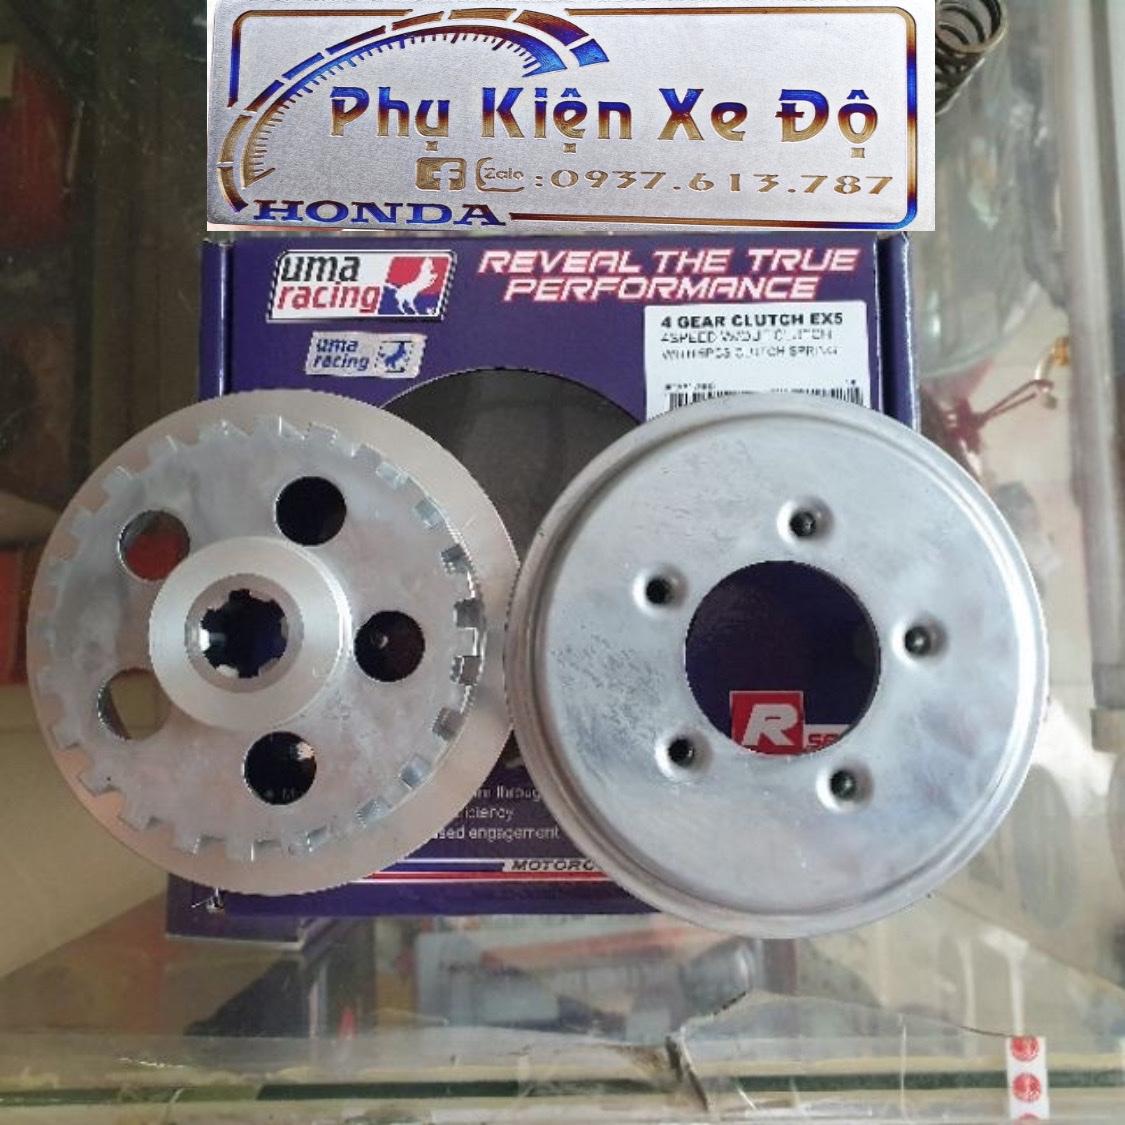 Nồi Uma Racing 5 Lò Xo Dành Cho Wave, Dream Có Giá Siêu Tốt